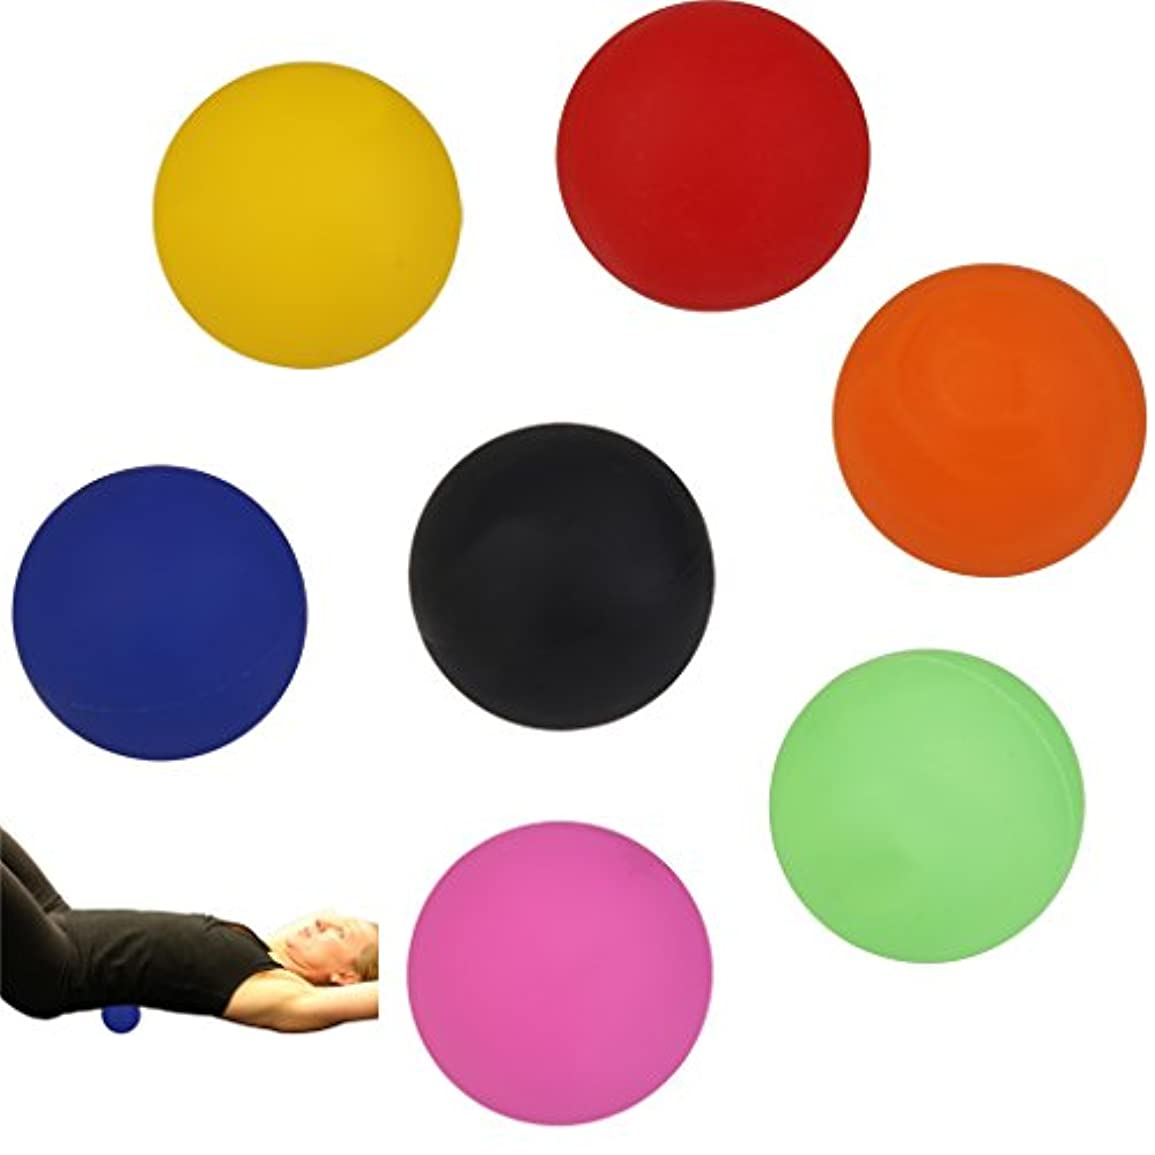 アジテーション排除無駄にPerfk 2個 手のひら 足 腕 首 背中 足首 ジム ホーム 運動 マッサージボール ラクロスマッサージボール 黒色